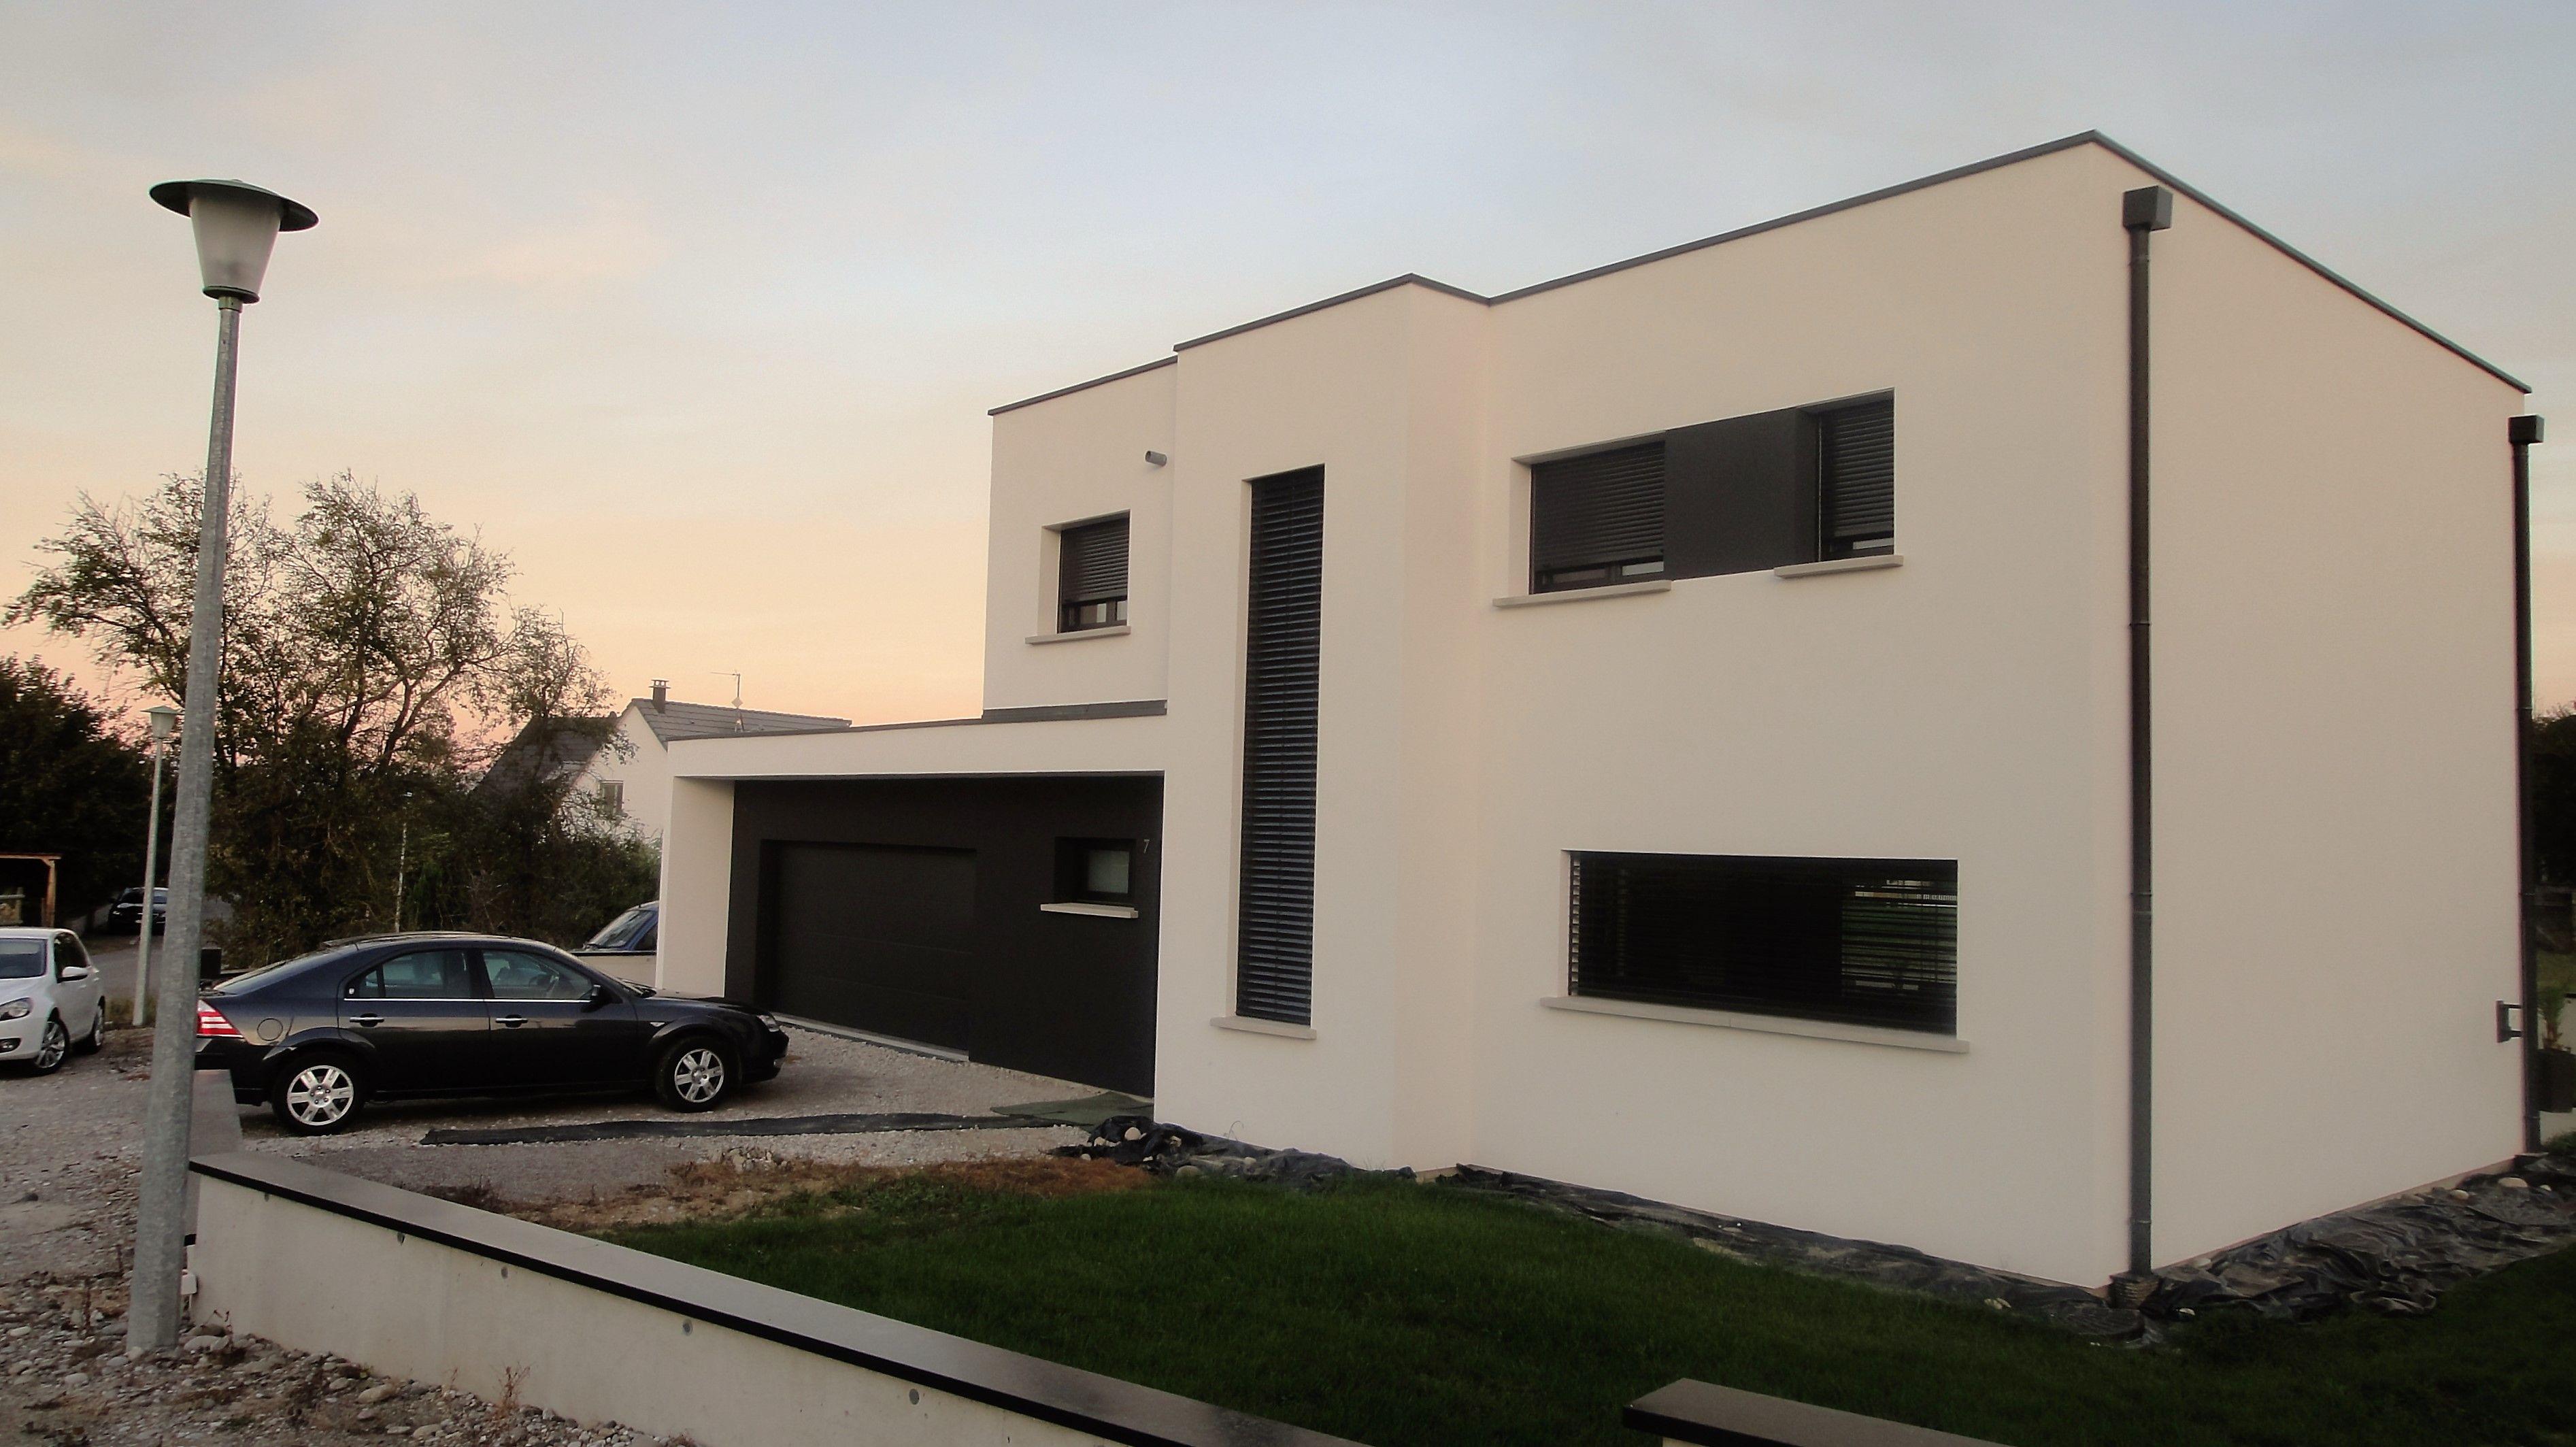 Pingl par nexthome cr ation sur r alisation maison toit plat magstatt 68 maison toit plat for Realisation toit plat